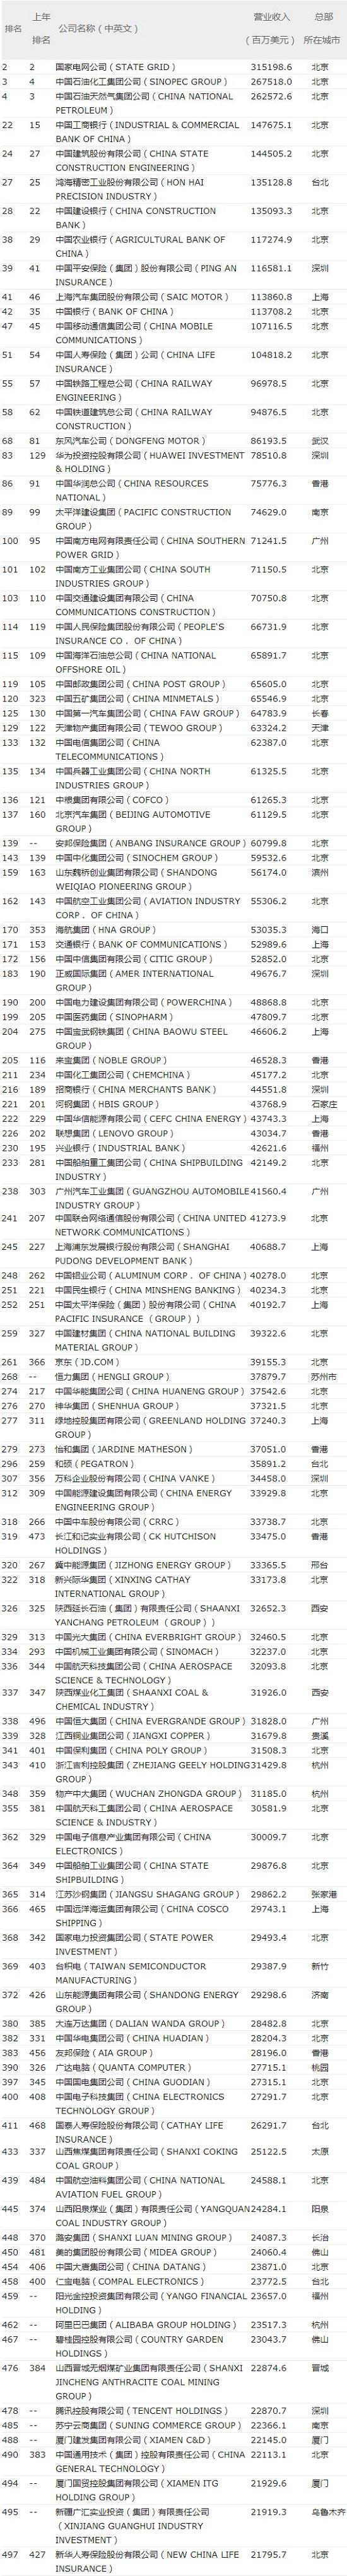 2017年世界500强排行榜115家中国上榜公司名单